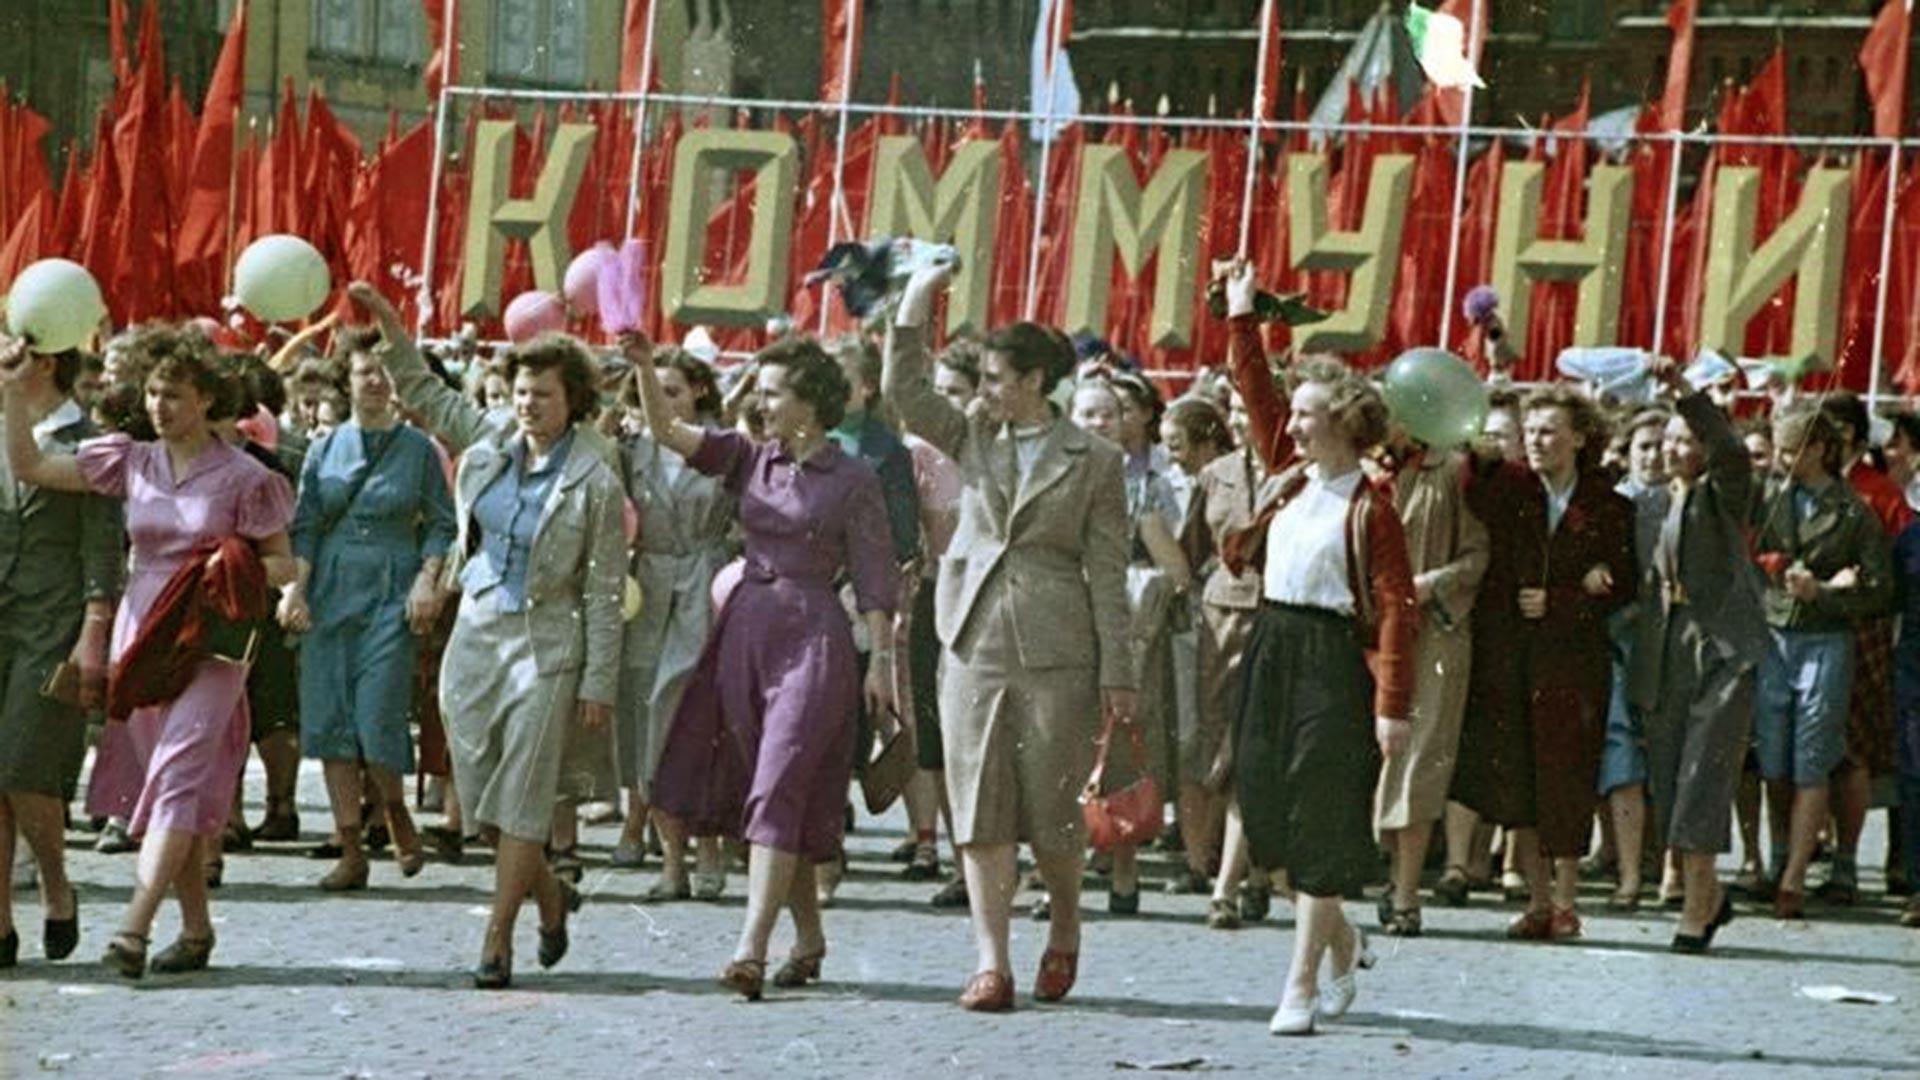 Mädchen in den Reihen der Demonstranten, 1950er Jahre.